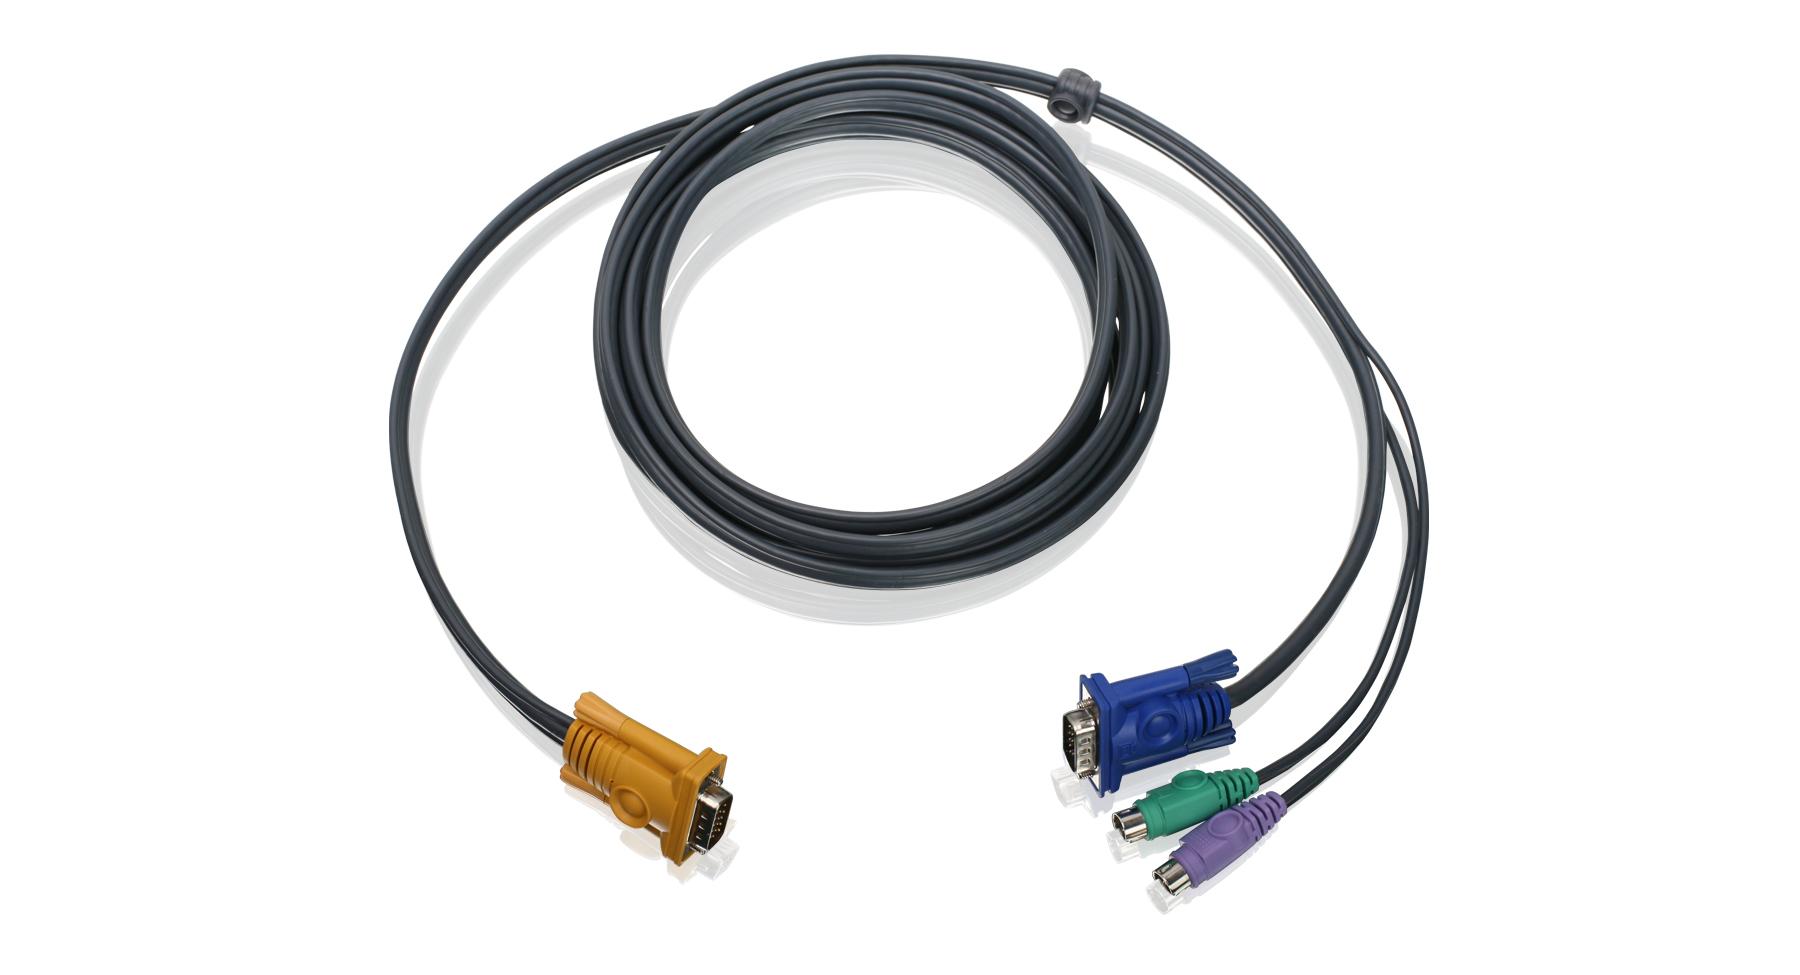 iogear - g2l5202p  2 kvm cable 6 ft